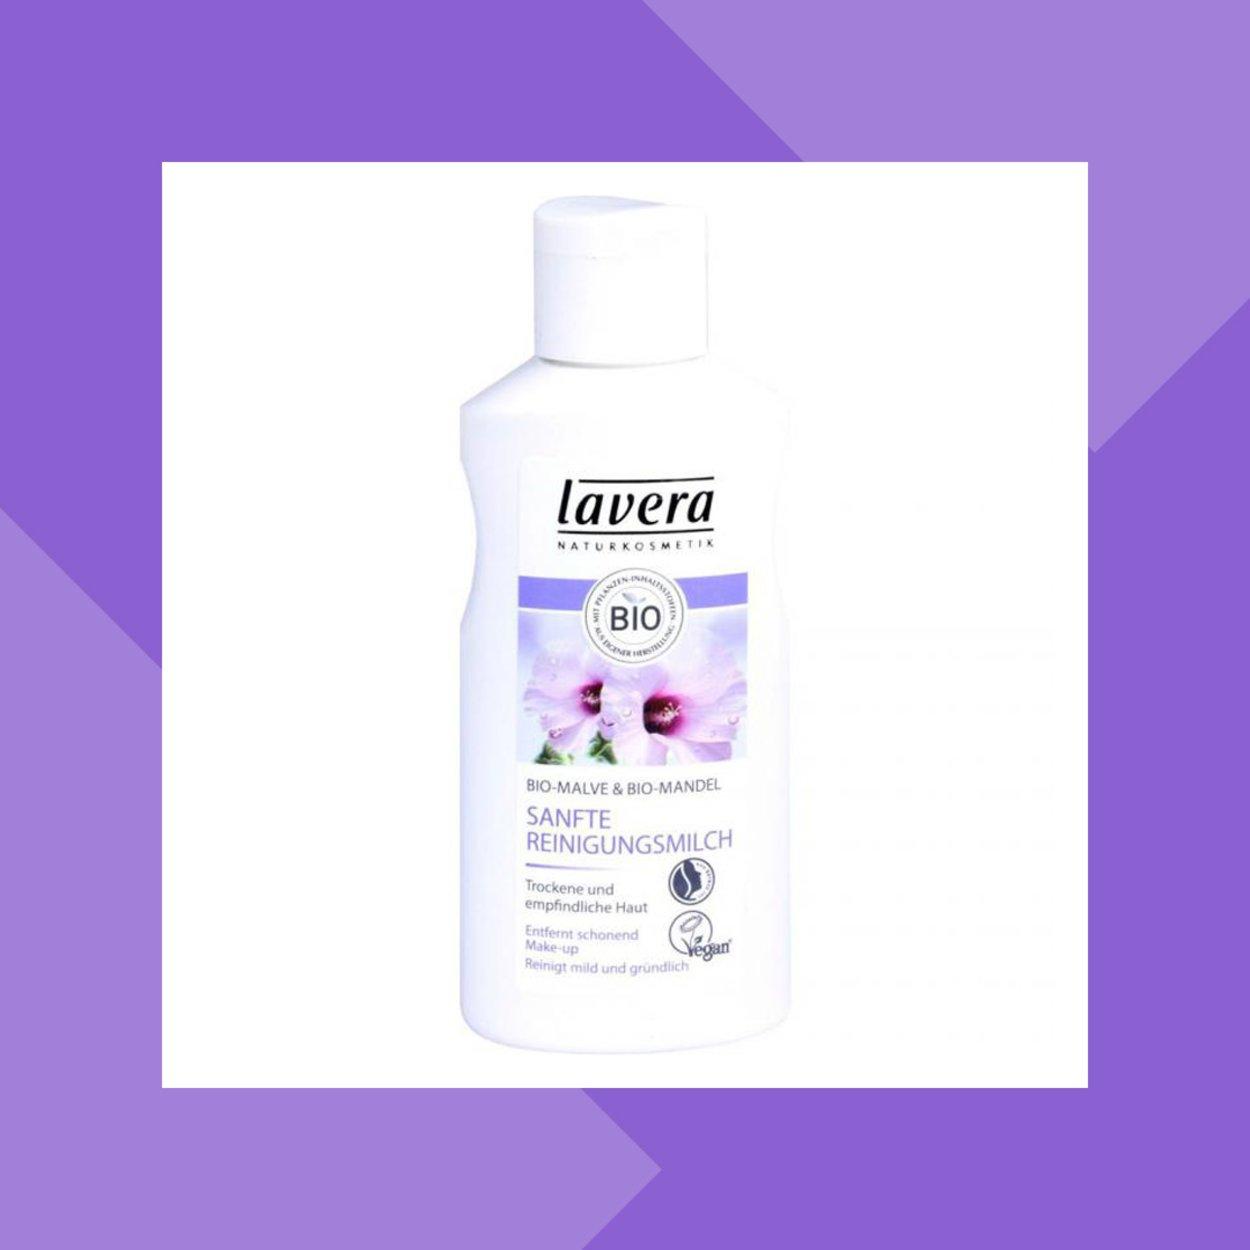 Sanfte Reinigungsmilch von Lavera